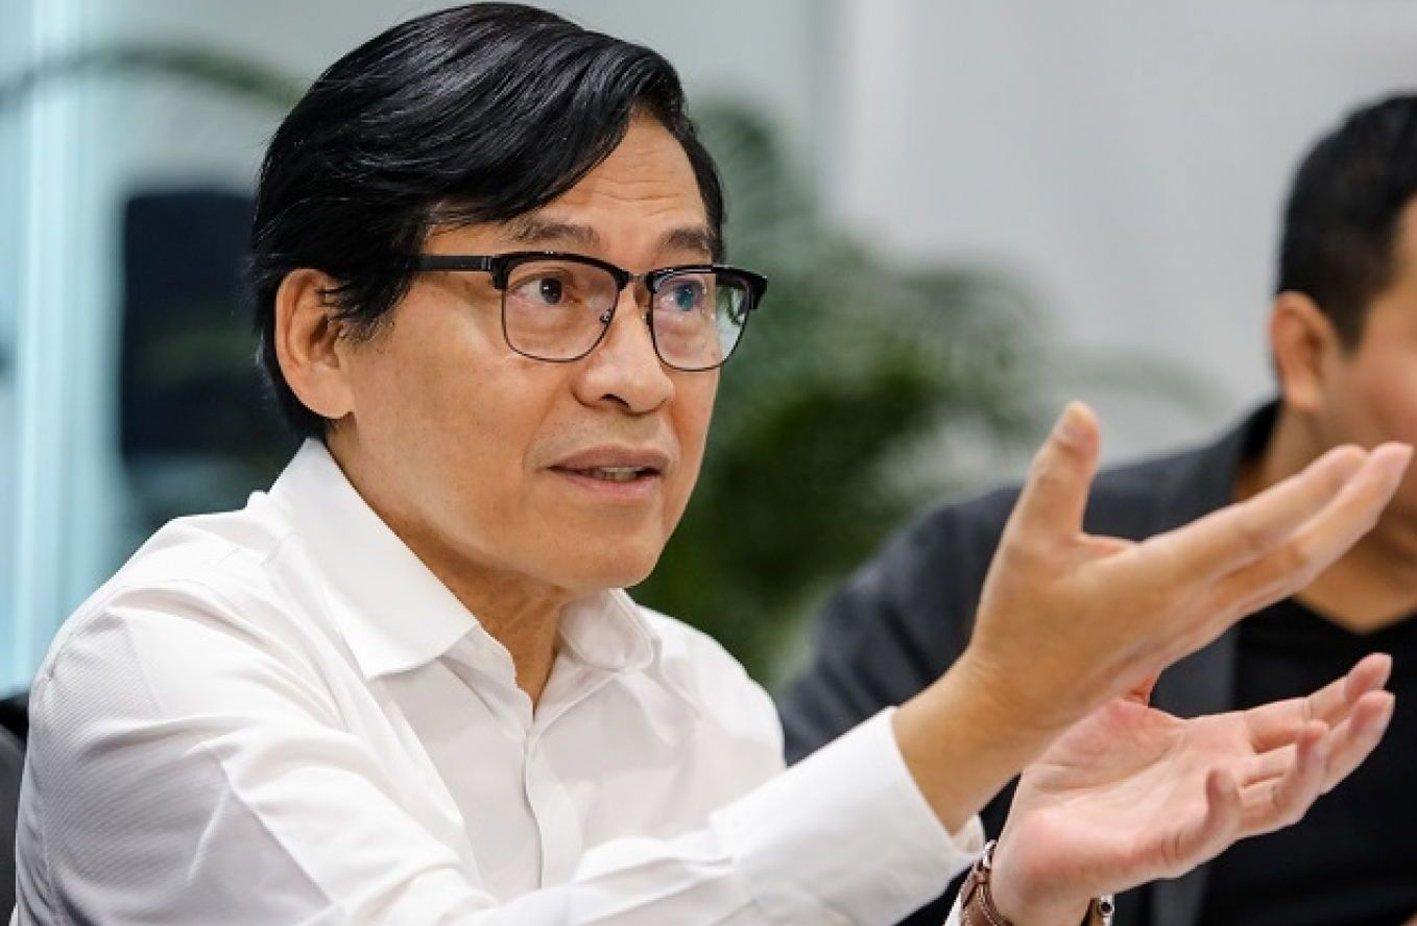 Phạm Phú Ngọc Trai